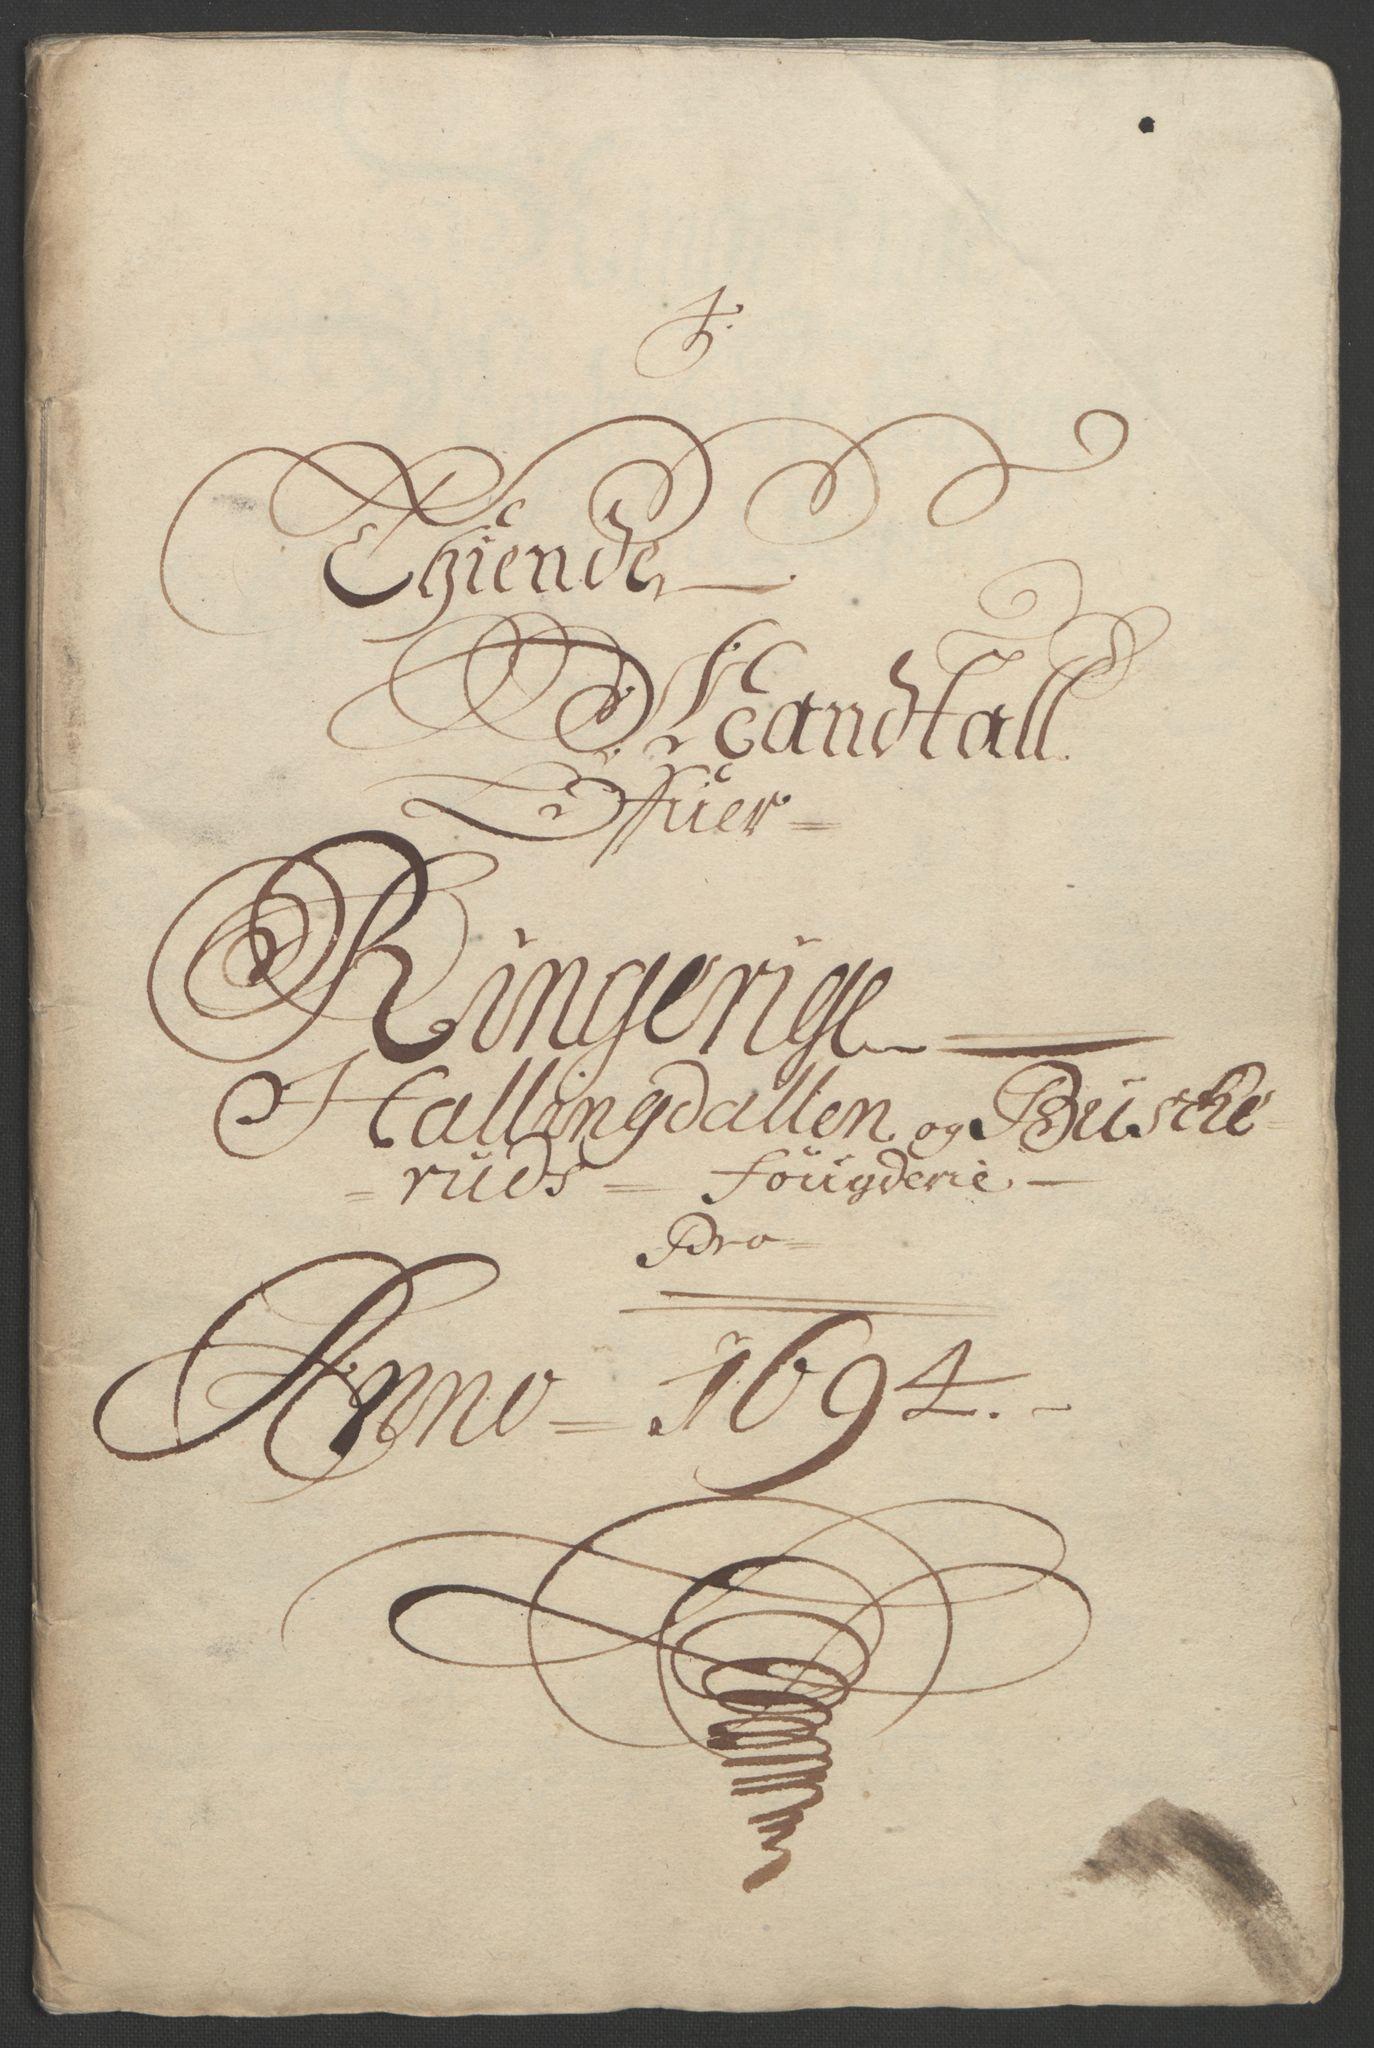 RA, Rentekammeret inntil 1814, Reviderte regnskaper, Fogderegnskap, R22/L1451: Fogderegnskap Ringerike, Hallingdal og Buskerud, 1694, s. 260